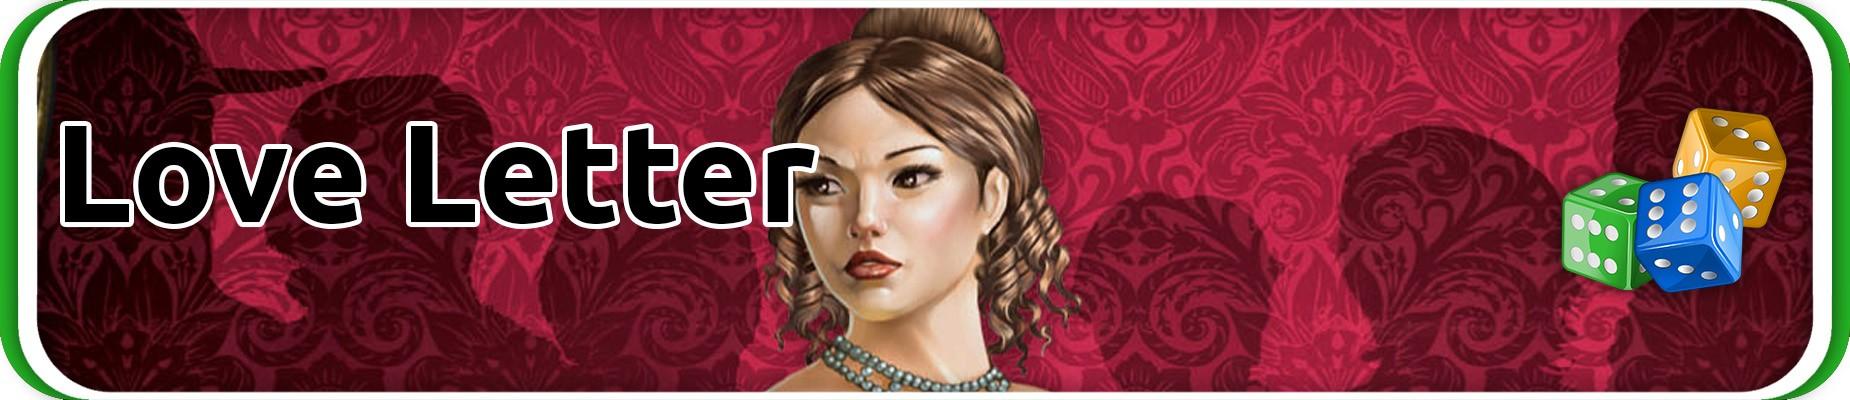 Loveletter3_banner_1850x400 copy